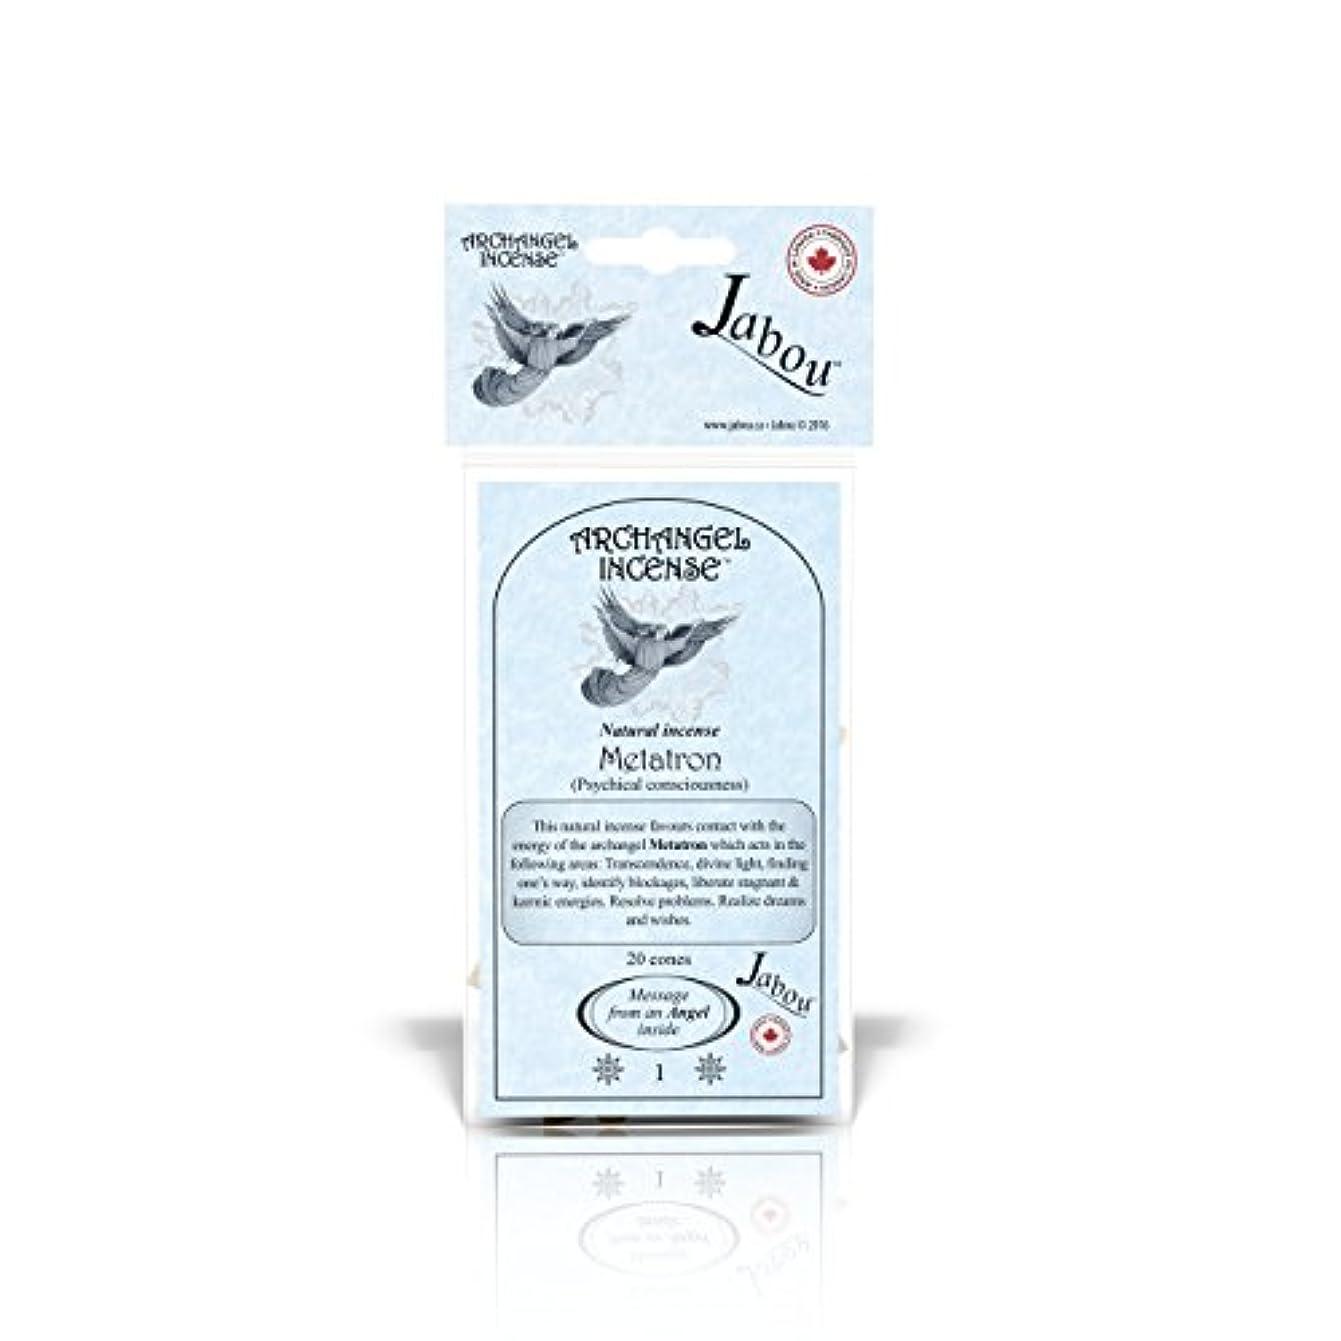 フレッシュアクティビティ緑Jabou 大天使 100%天然お香 コーン - 12個の香り - 瞑想 ヨガ リラクゼーション マジック ヒーリング 祈り 儀式 - 20個のコーン - 各30分以上持続